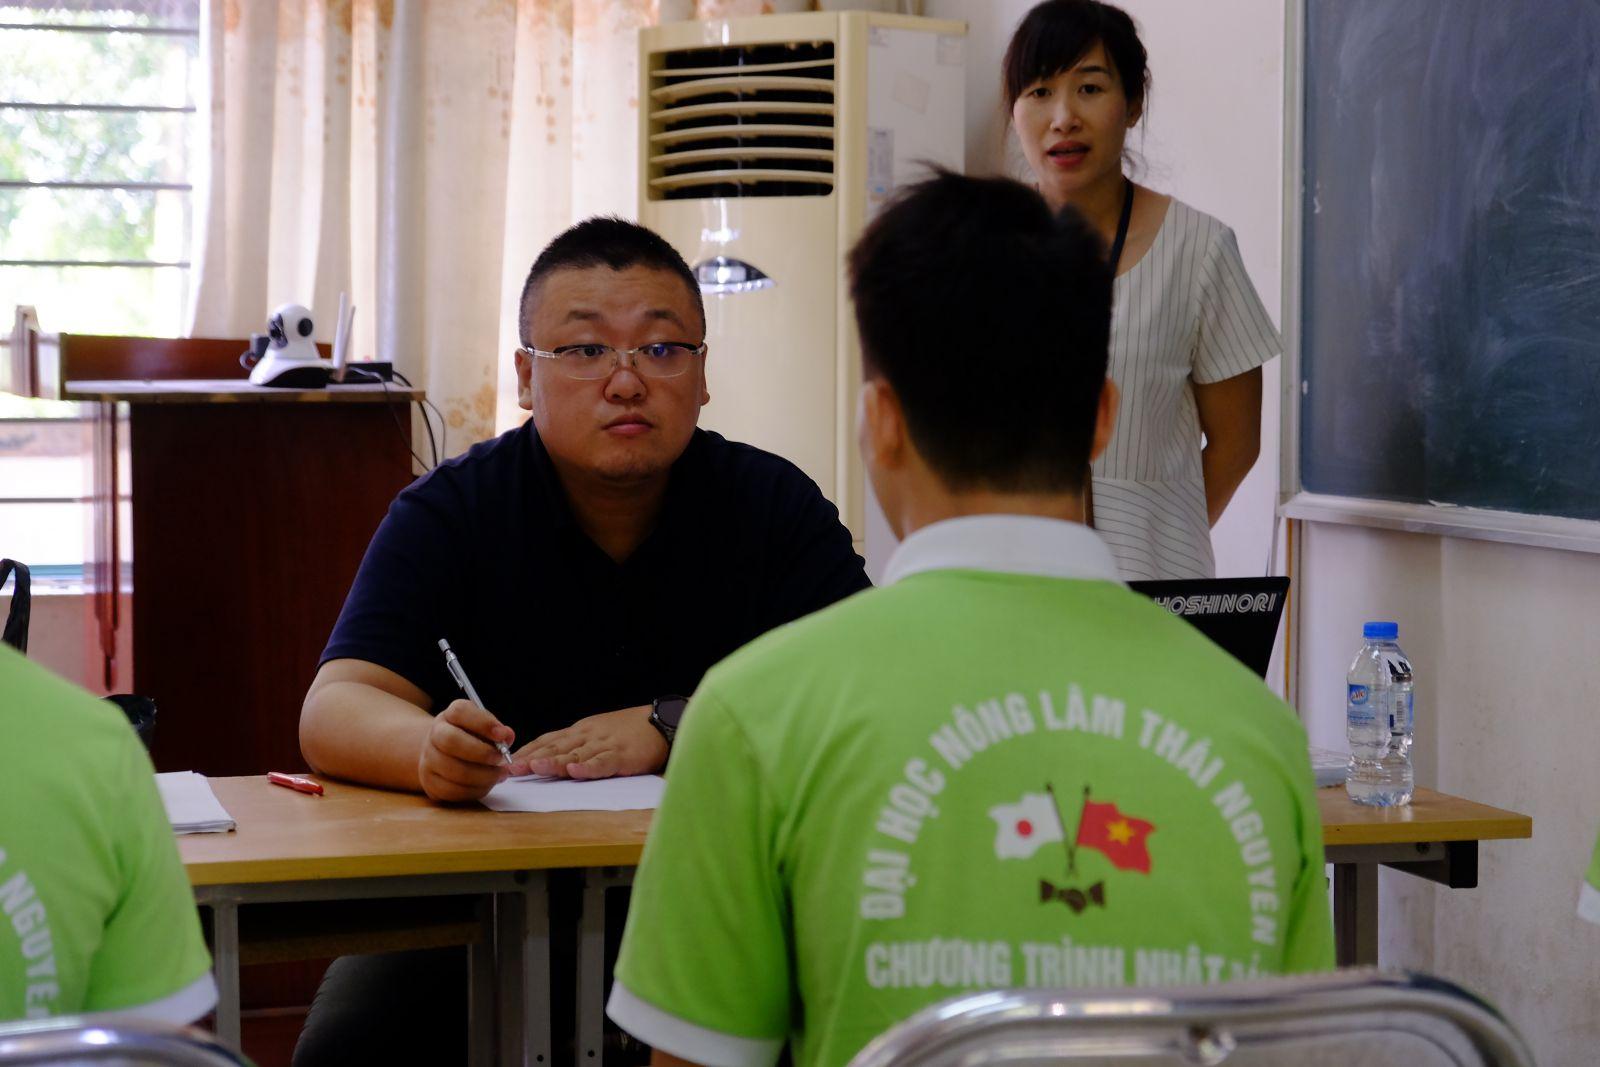 Sau bài thi viết, các thí sinh bước vào phần phỏng vấn với thầy giáo Wakayobashi Yoshinori - đại diện của Trường Kobe Sumiyoshi International Language